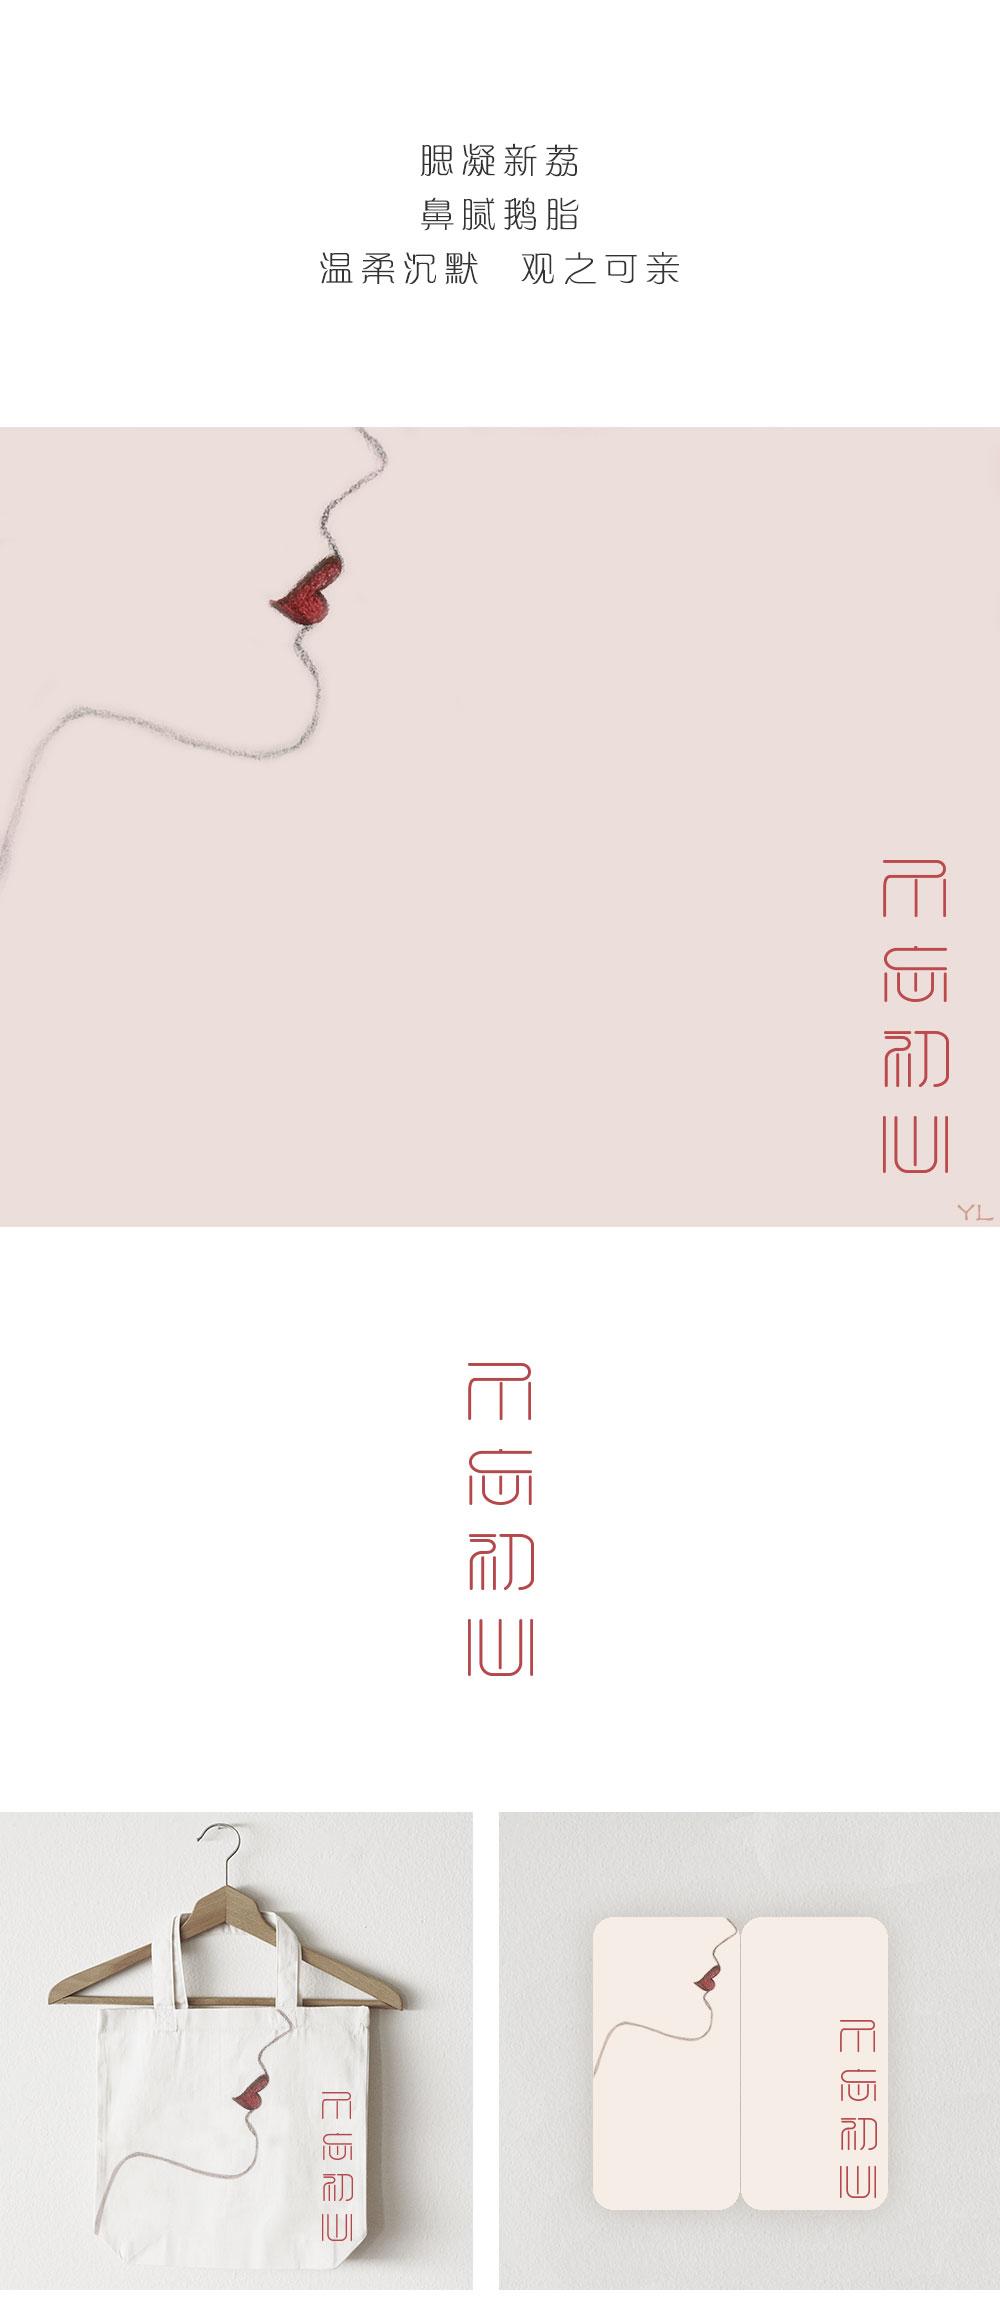 """第一次将简单手绘和字体设计相结合,美人侧脸与""""不忘初心"""",表达出美好"""